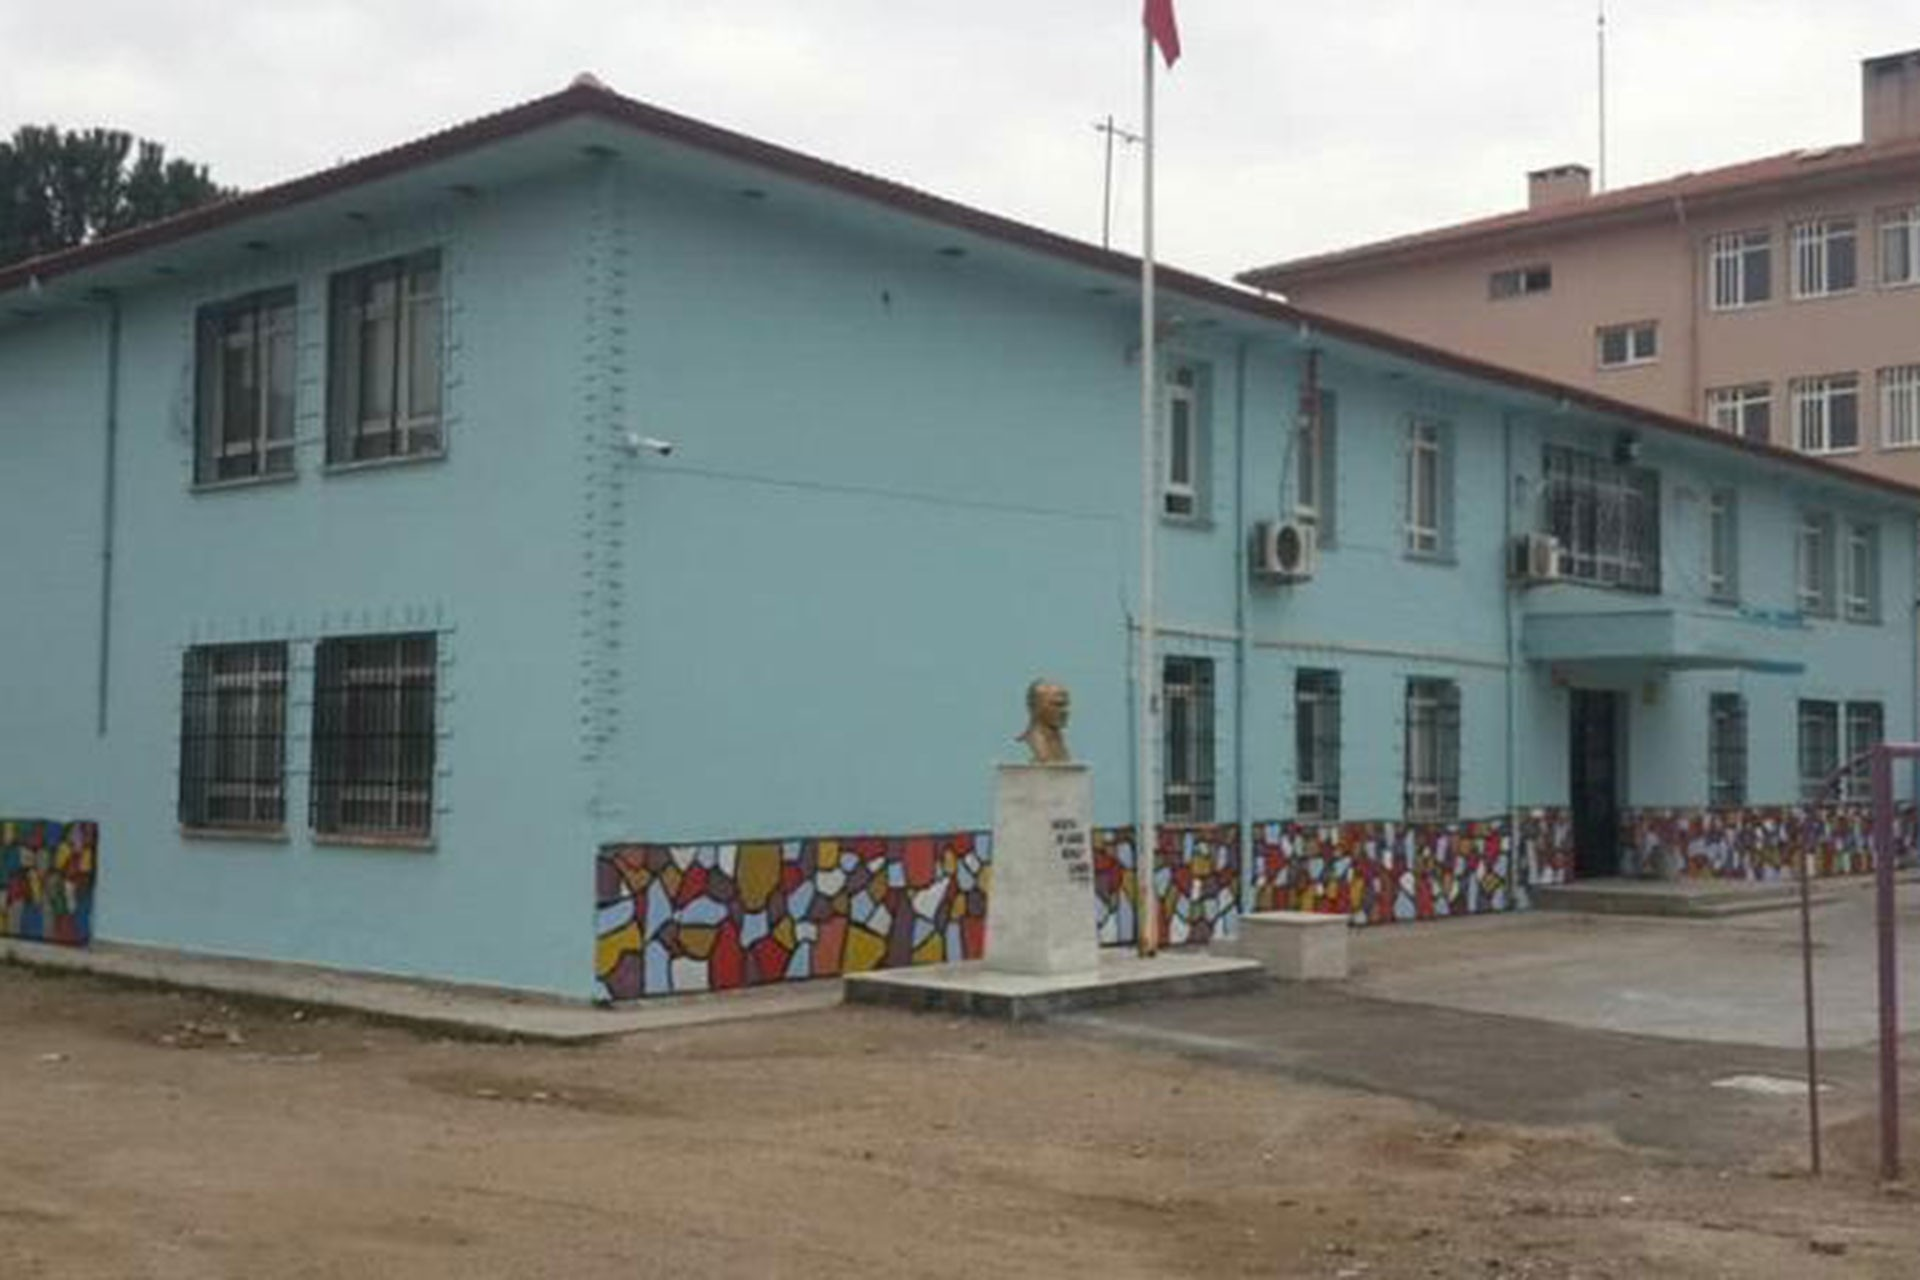 Aydın'da havalı tüfekle ateş açılan okulda 3 öğrenci yaralandı